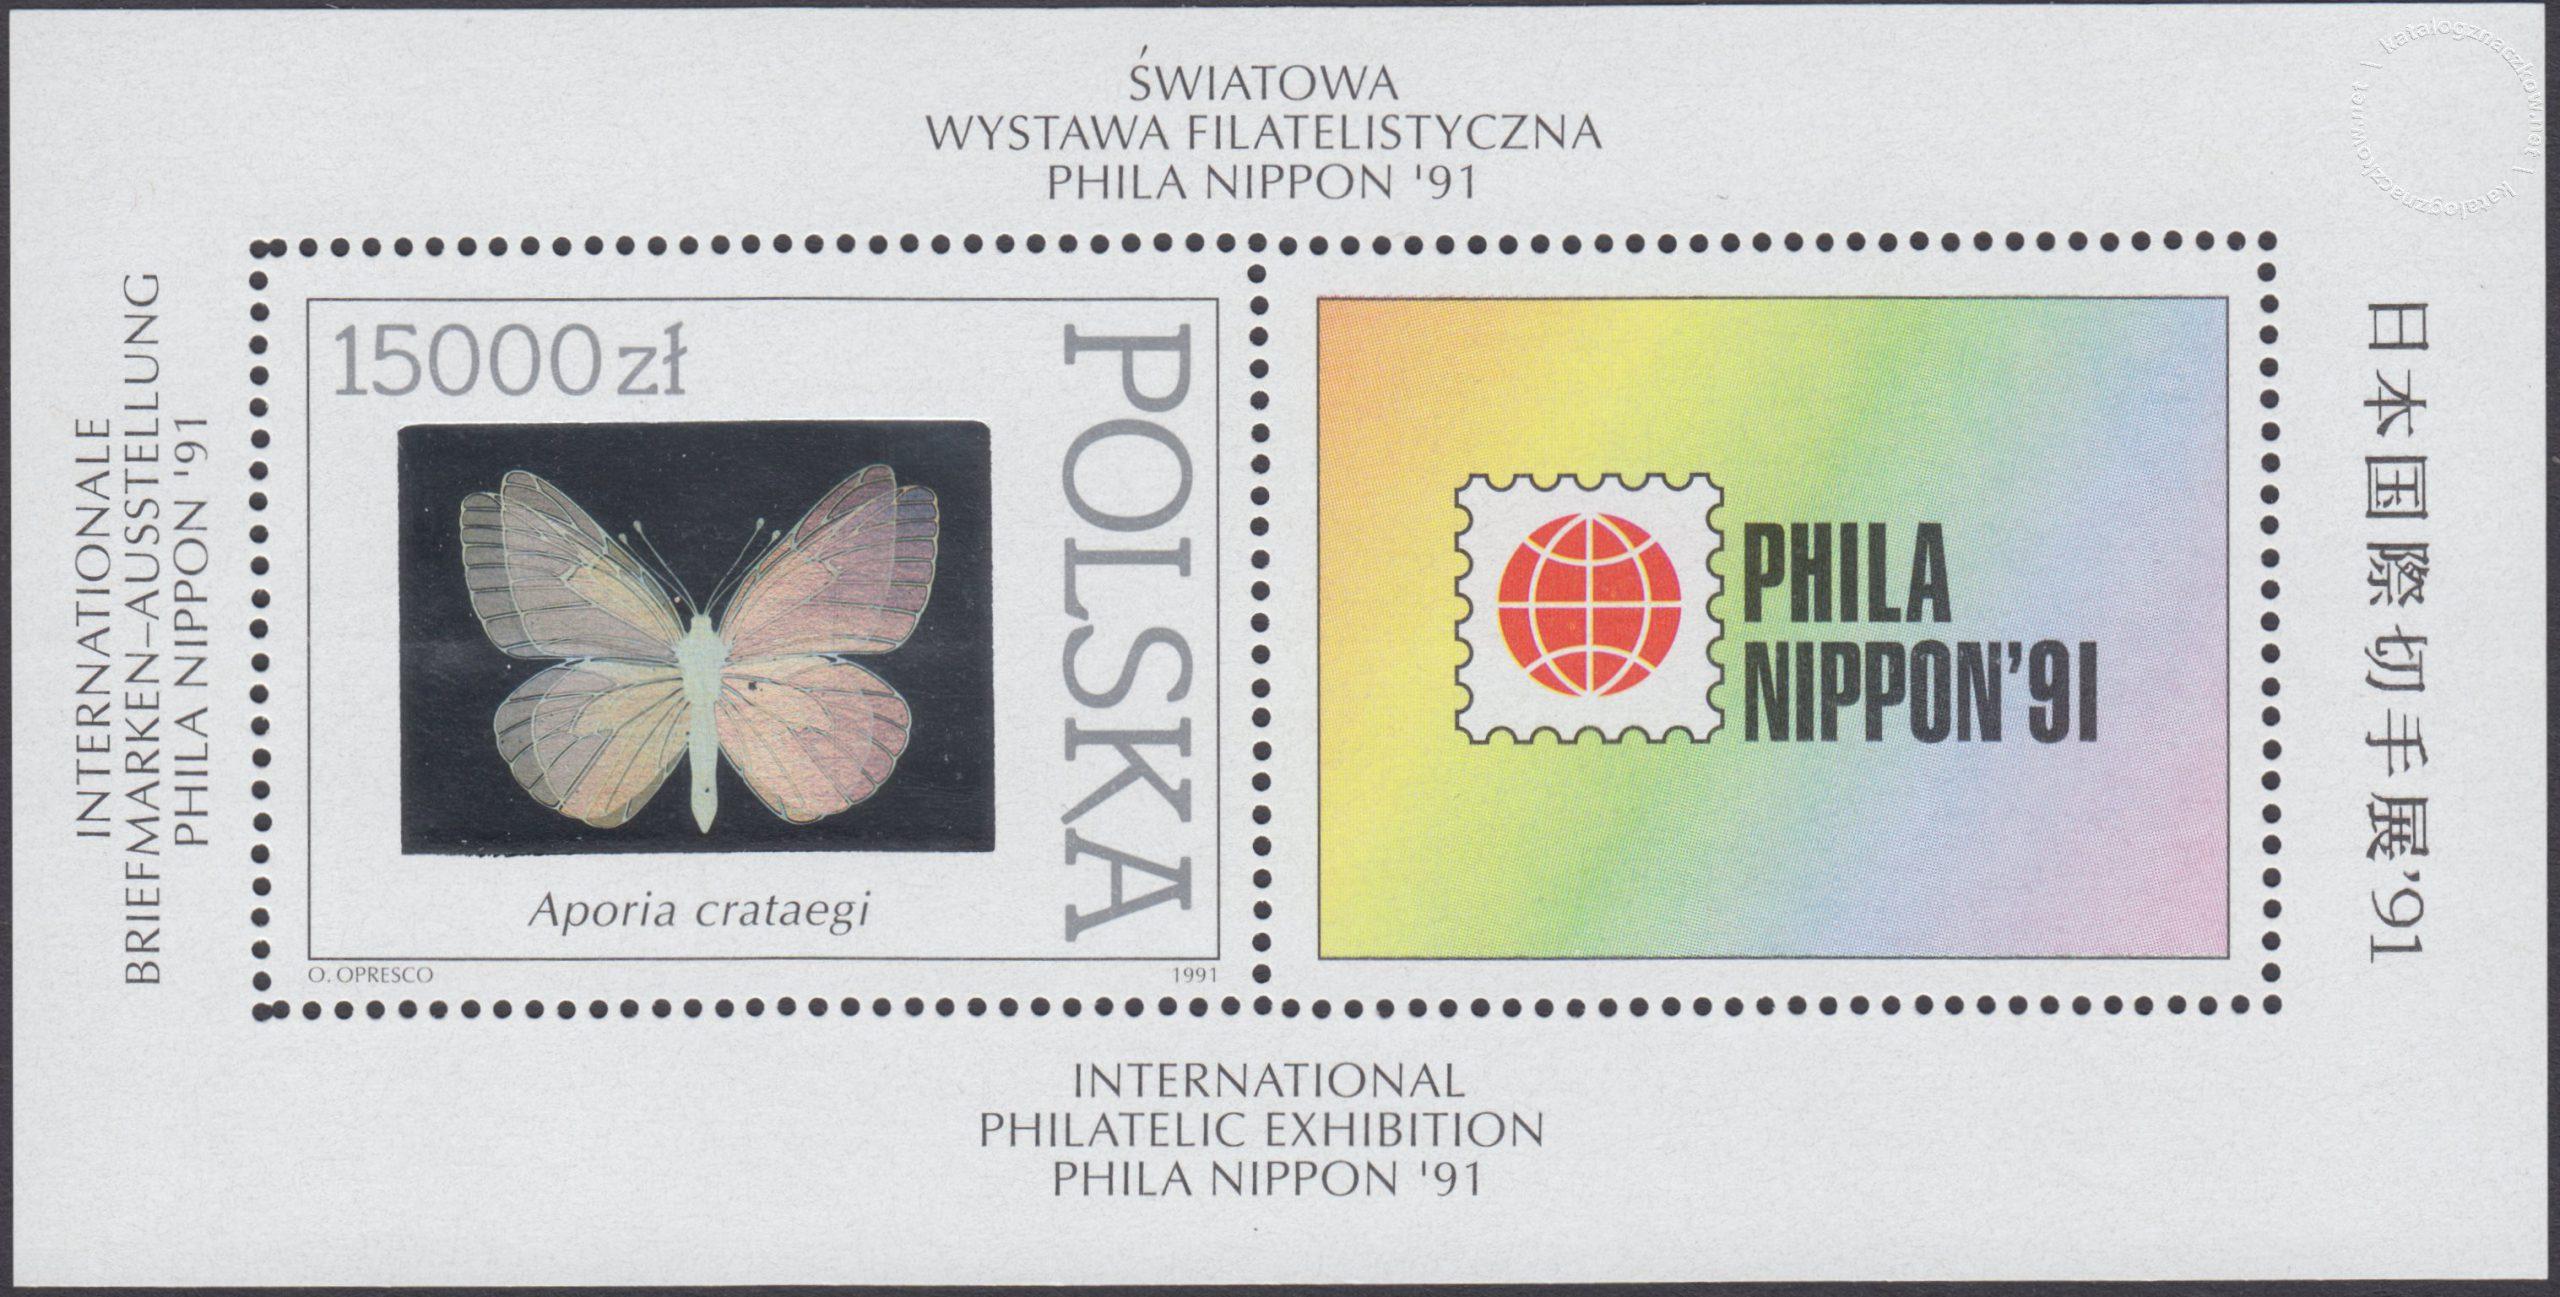 Motyle z kolekcji Instytutu Zoologii PAN w Warszawie – Blok 101